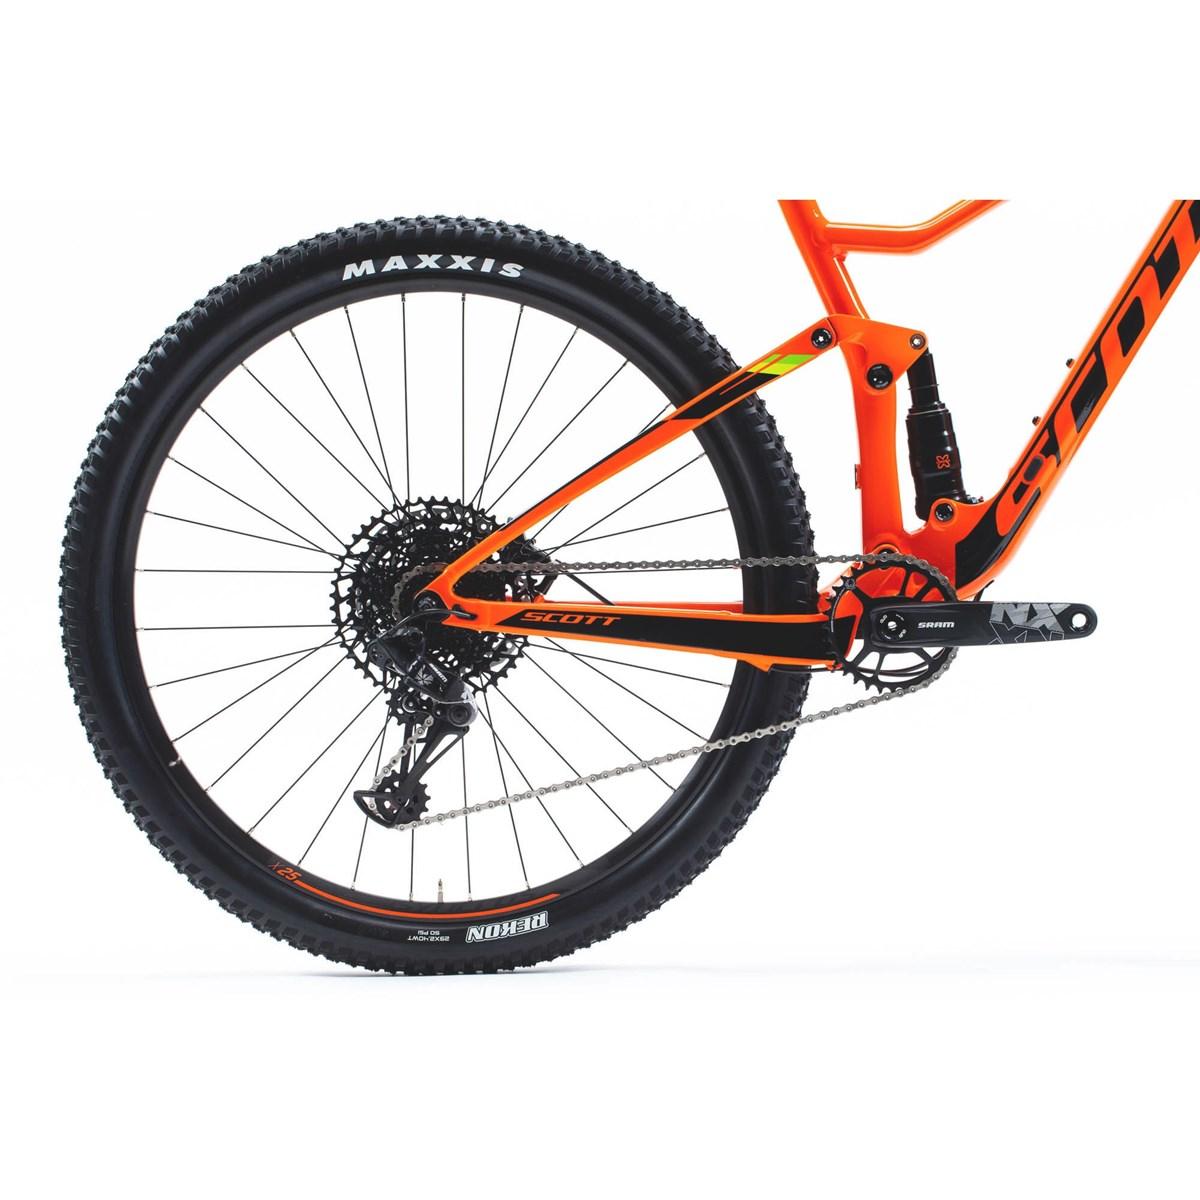 Fair Trading Licence Check >> 2019 Scott Spark 960 Full Suspension Mountain Bike Orange ...